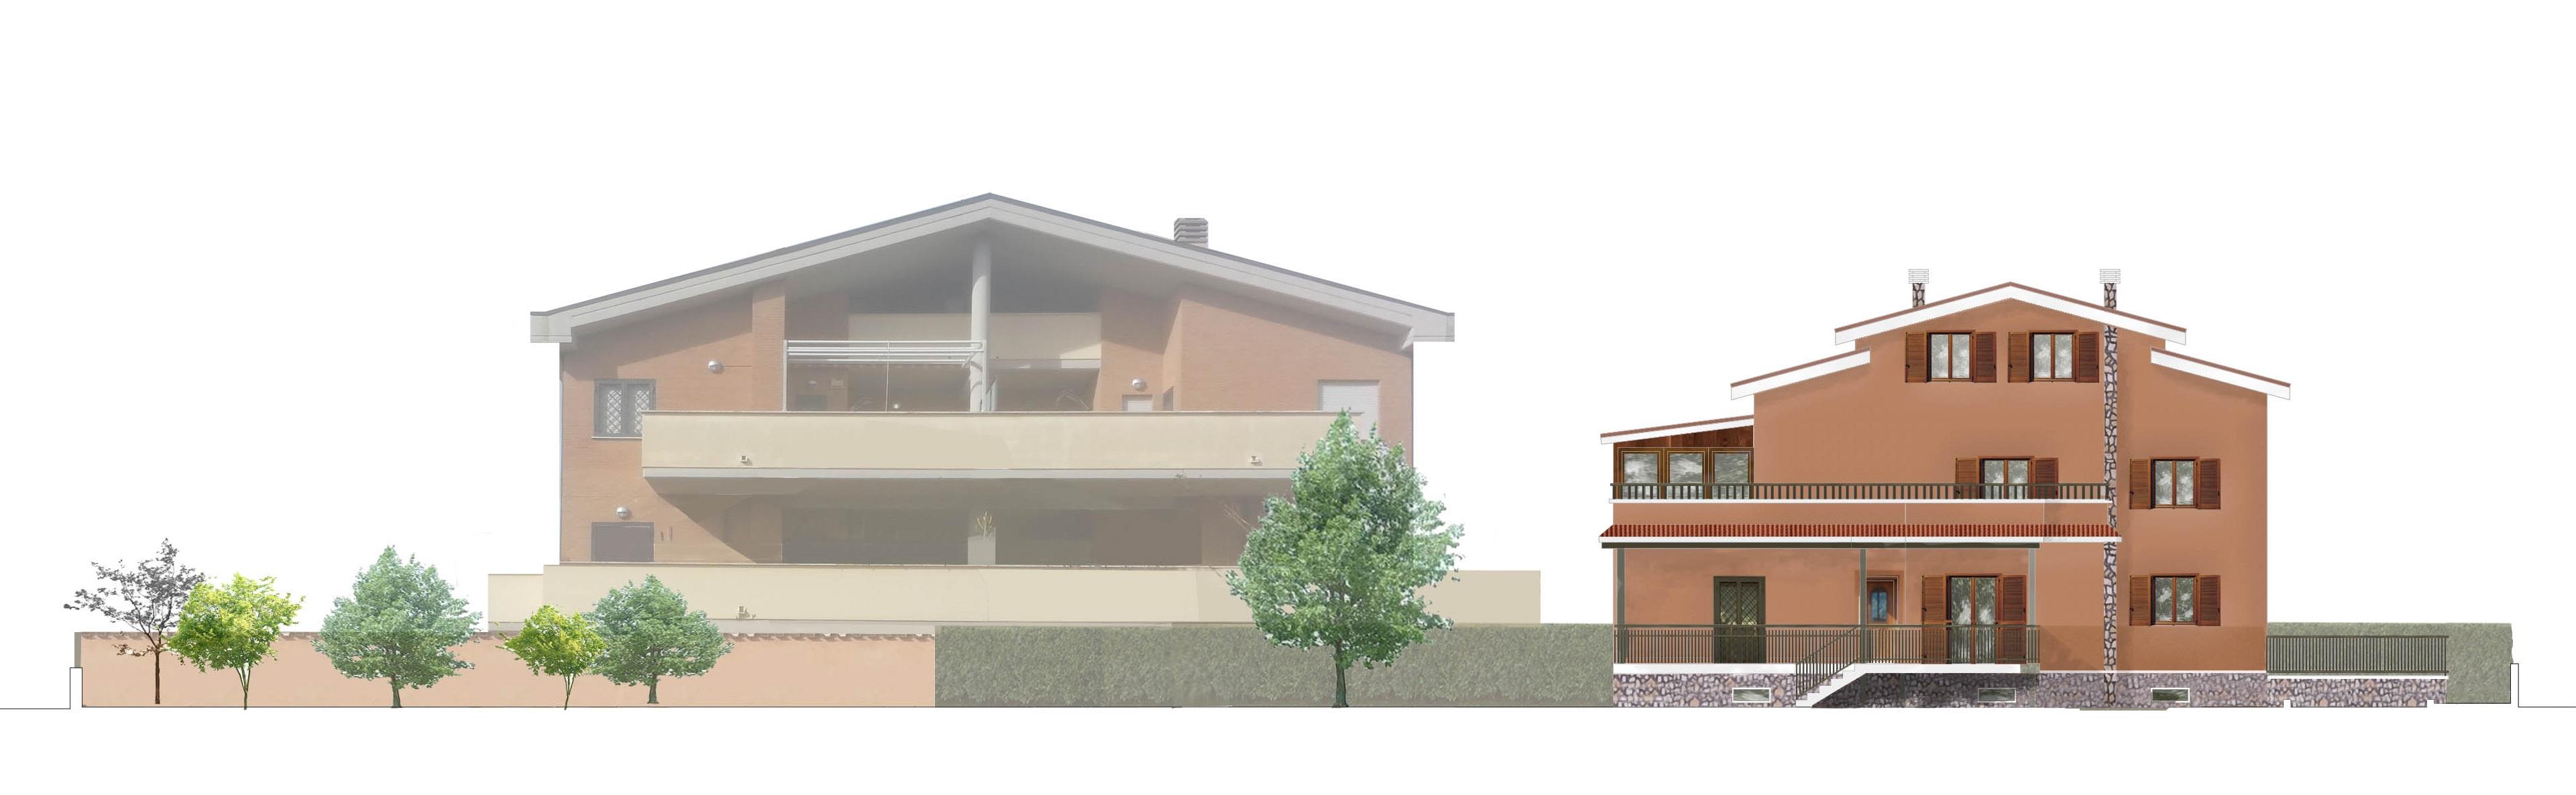 Ampliamento piano casa villa ai castelli romani - Ampliamento casa ...